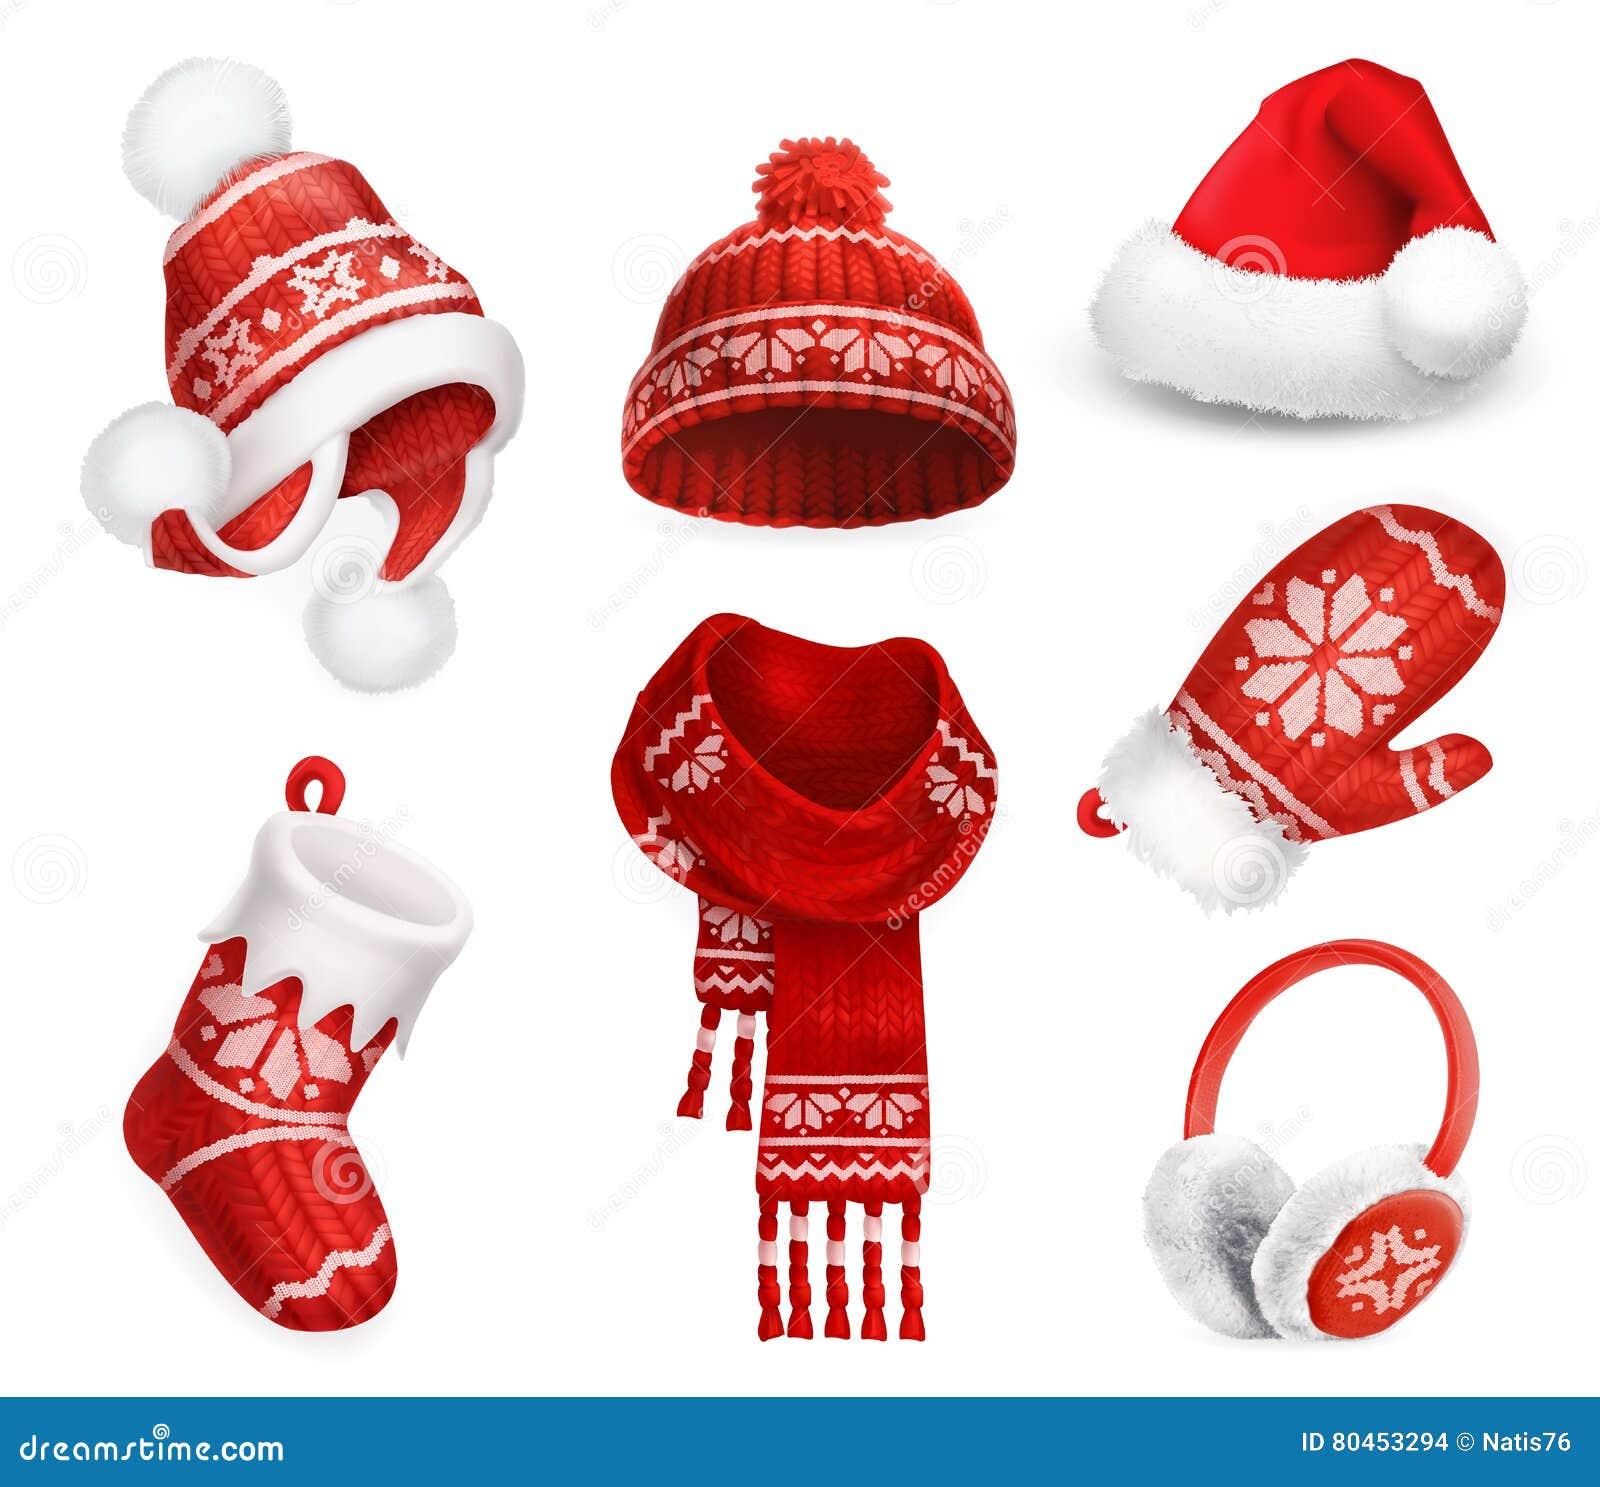 De winterkleren Kerstman die GLB opslaan Gebreide hoed De sok van Kerstmis sjaal mitten oorbeschermers Het pictogram van toestell